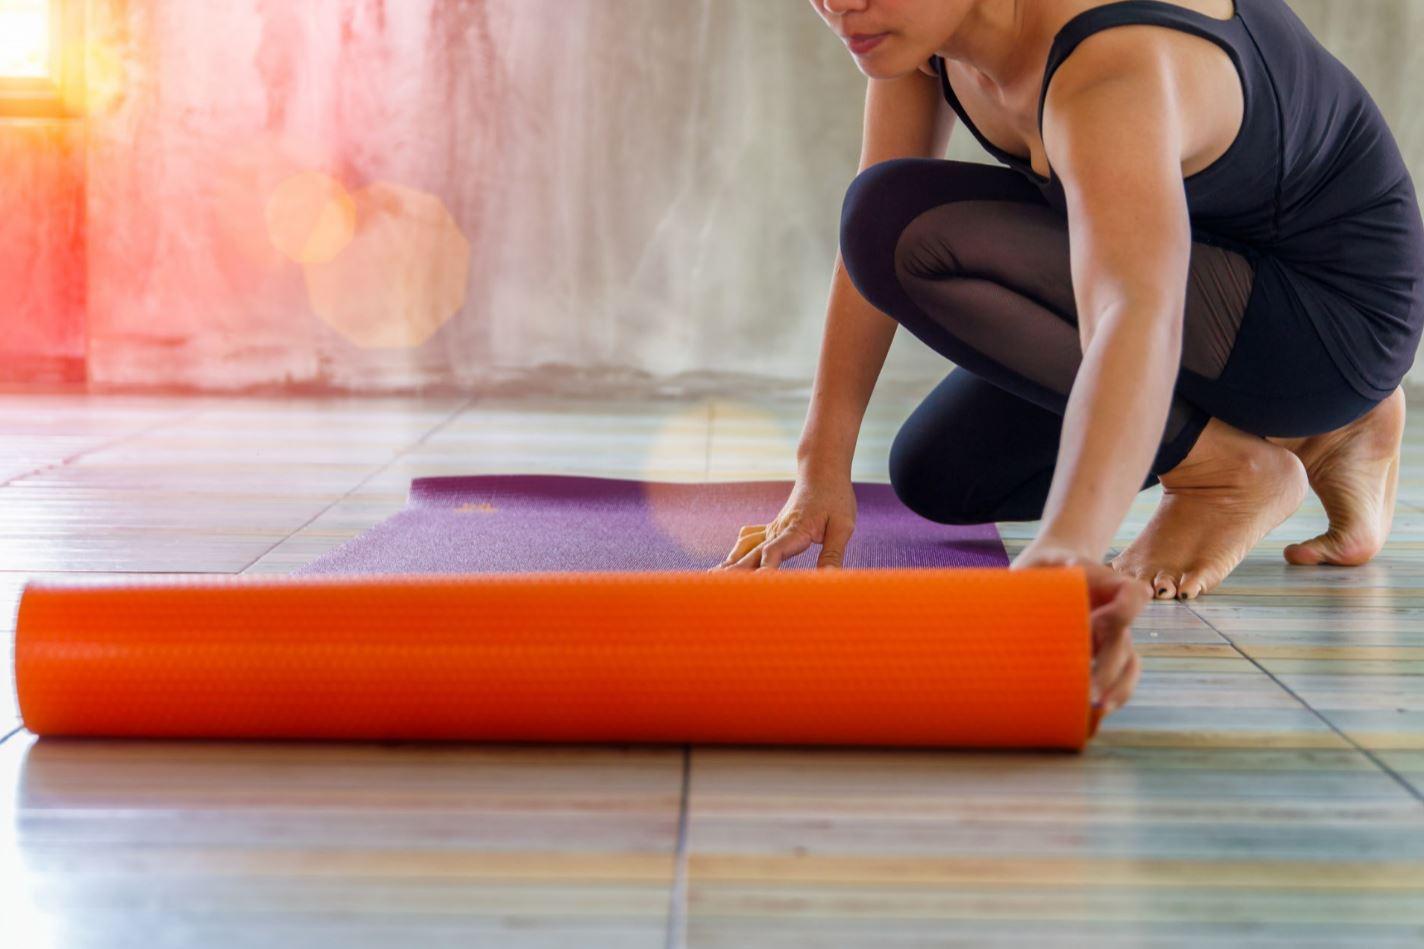 Les squats un excellent exercice contre la cellulite - Seance de sport a la maison ...